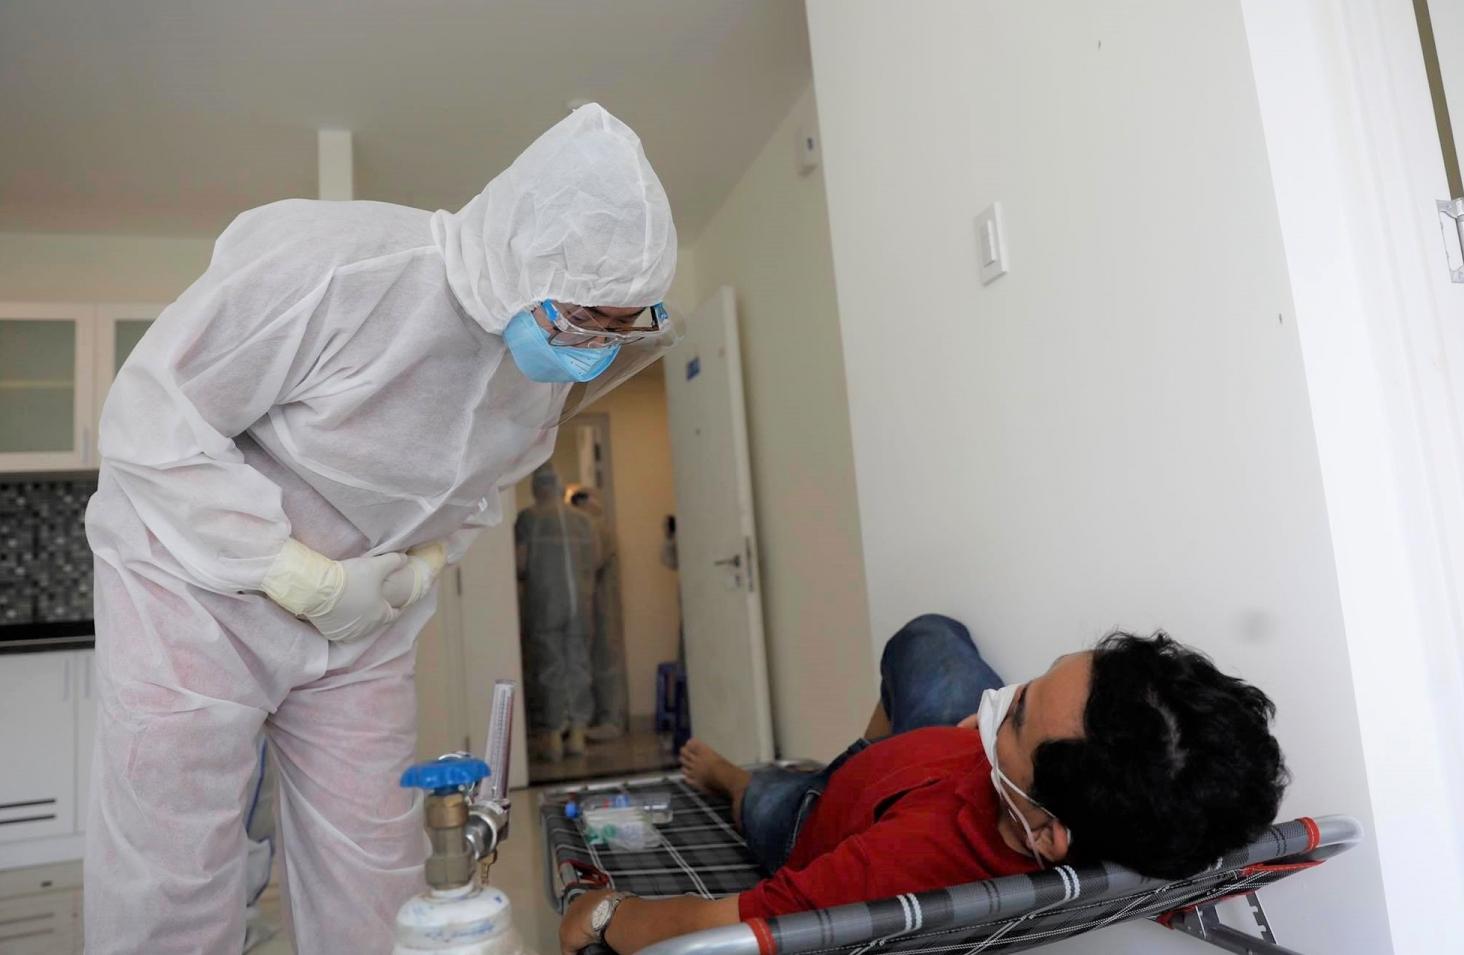 Sở Y tế TP HCM cập nhật hướng dẫn chăm sóc người mắc Covid-19 tại nhà